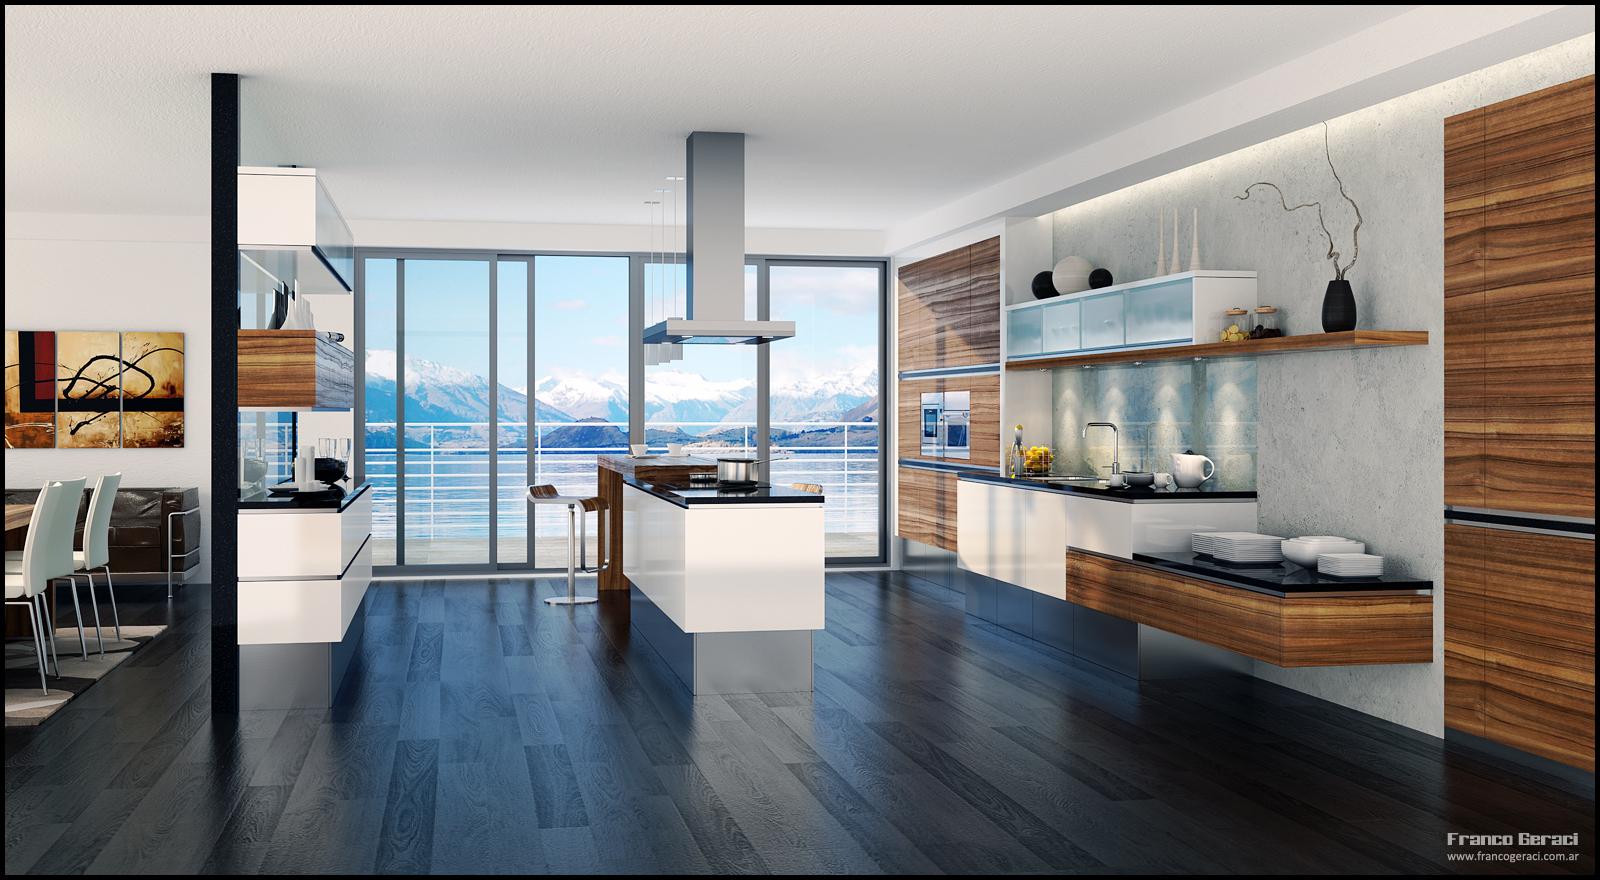 modern kitchen modern kitchen ideas 18 best images about Modern Kitchen on Pinterest Post and beam Contemporary modern kitchens and Modern kitchens